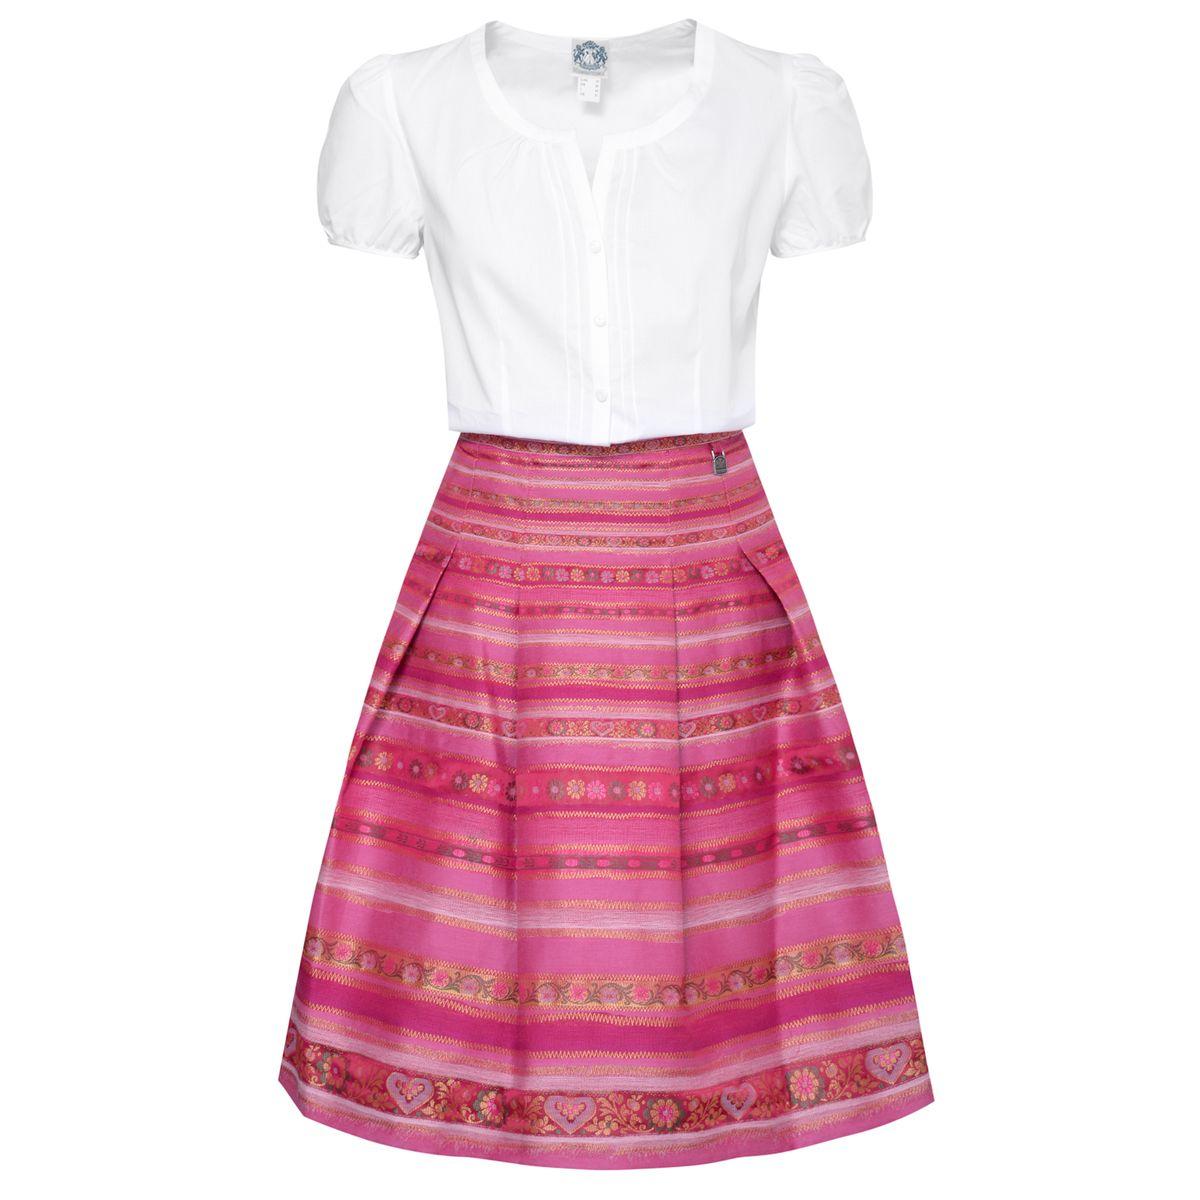 Trachten Outfit in Weiß/Pink von Hammerschmid günstig online kaufen